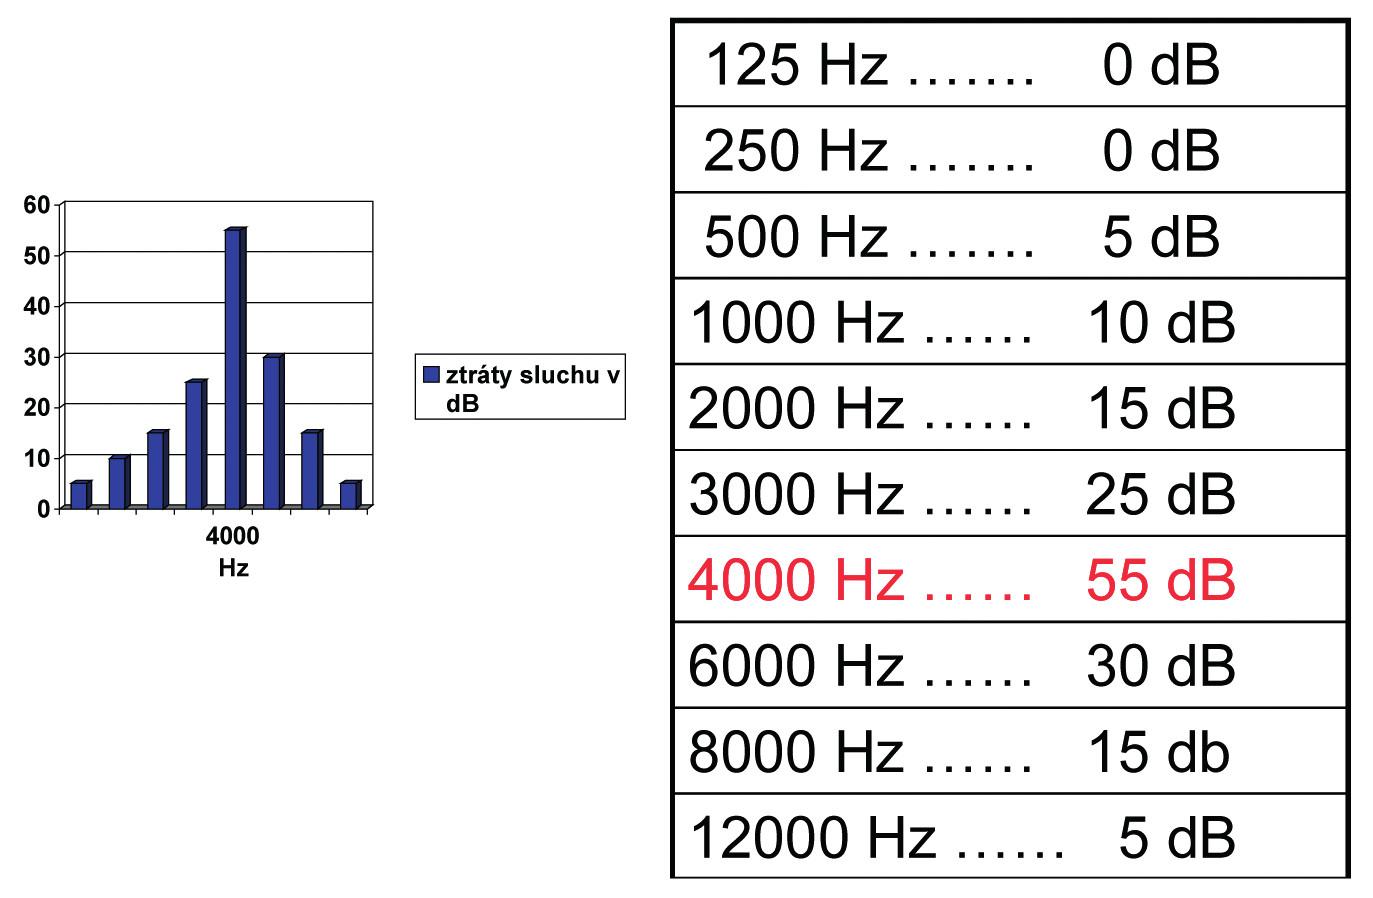 Sluchové ztráty zjištěné při prahové tónové audiometrii u osoby trpící poškozením sluchu způsobených hlukem (kostní vedení, levé ucho)